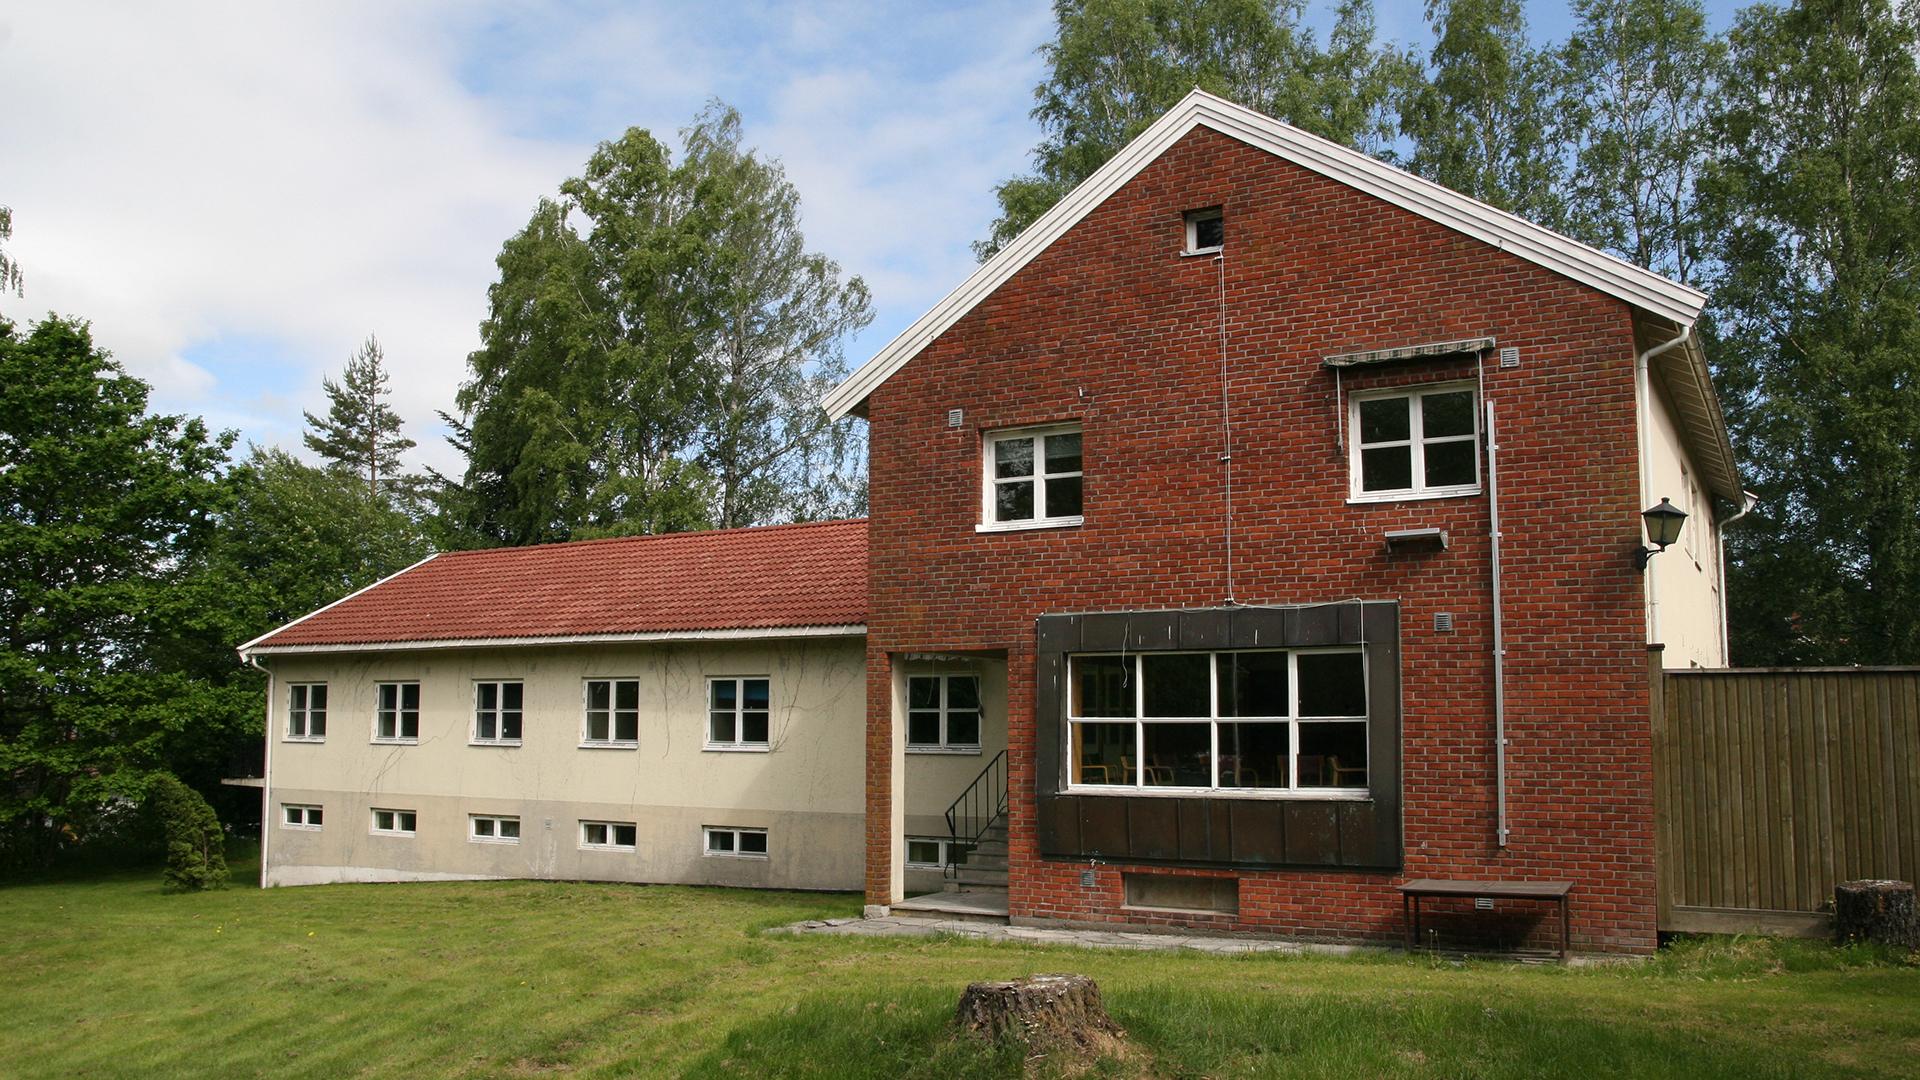 Barnehjemmet Iras hus et et av de fredete barnehjemmene. Opprinnelig het det Bjerkly barnehjem tegnet av tekniker Thorolf Ottersen og sto ferdig i 1959. Foto: Bård Langvandslien Riksantikvaren